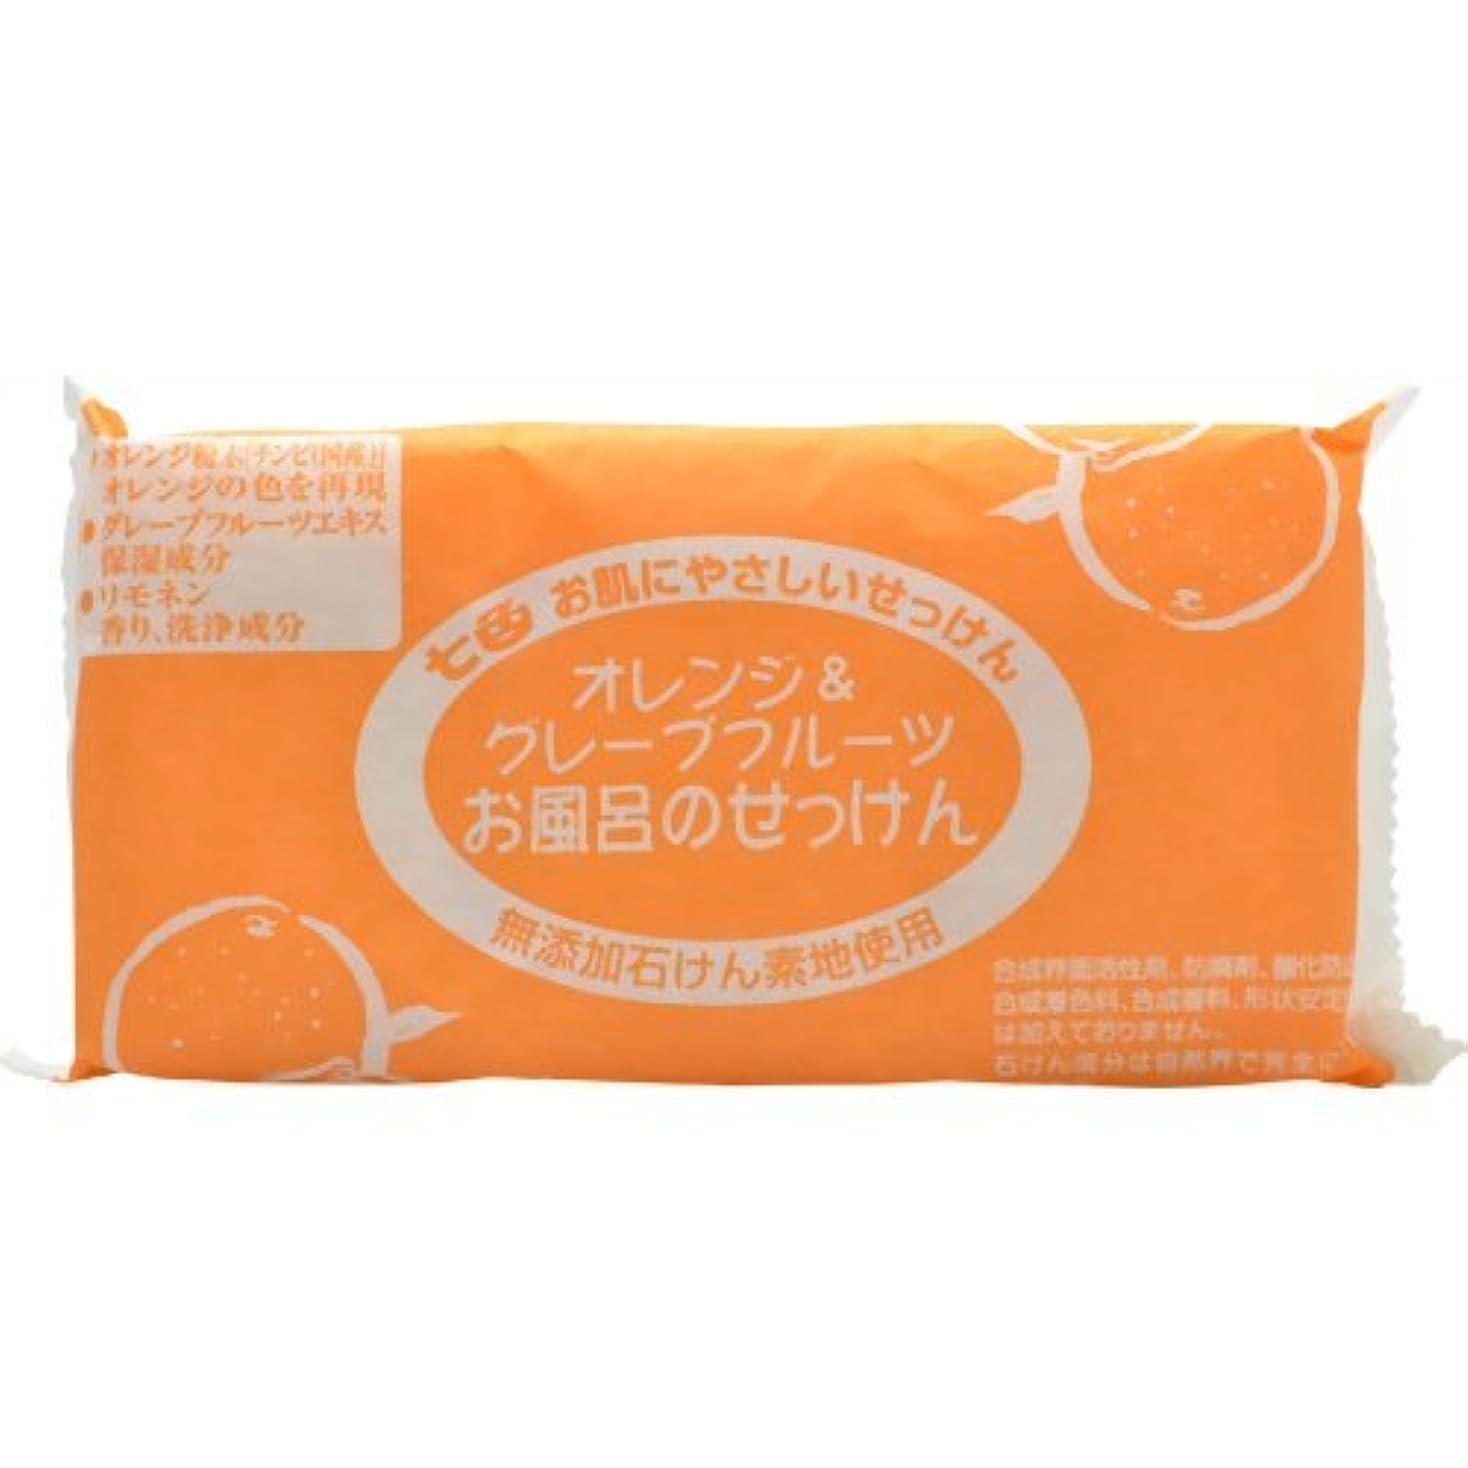 起こりやすい用心する火曜日まるは オレンジ&グレープフルーツ お風呂の石鹸 3個入り